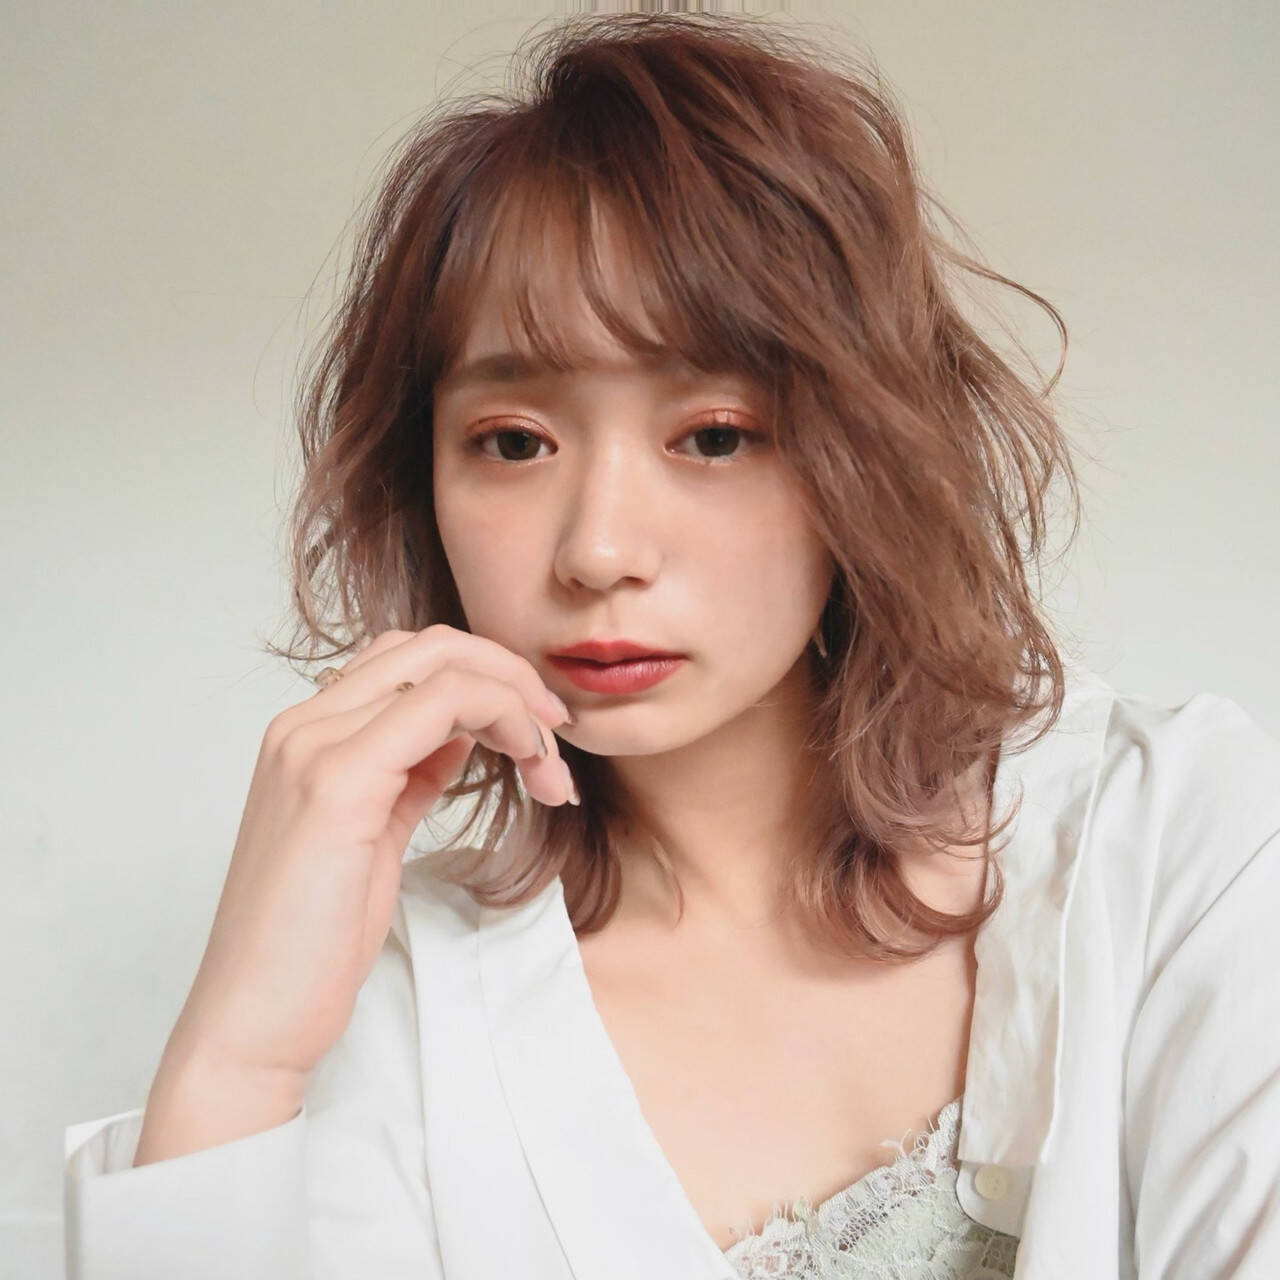 ミディアム おフェロ ゆるふわパーマ モテ髪ヘアスタイルや髪型の写真・画像